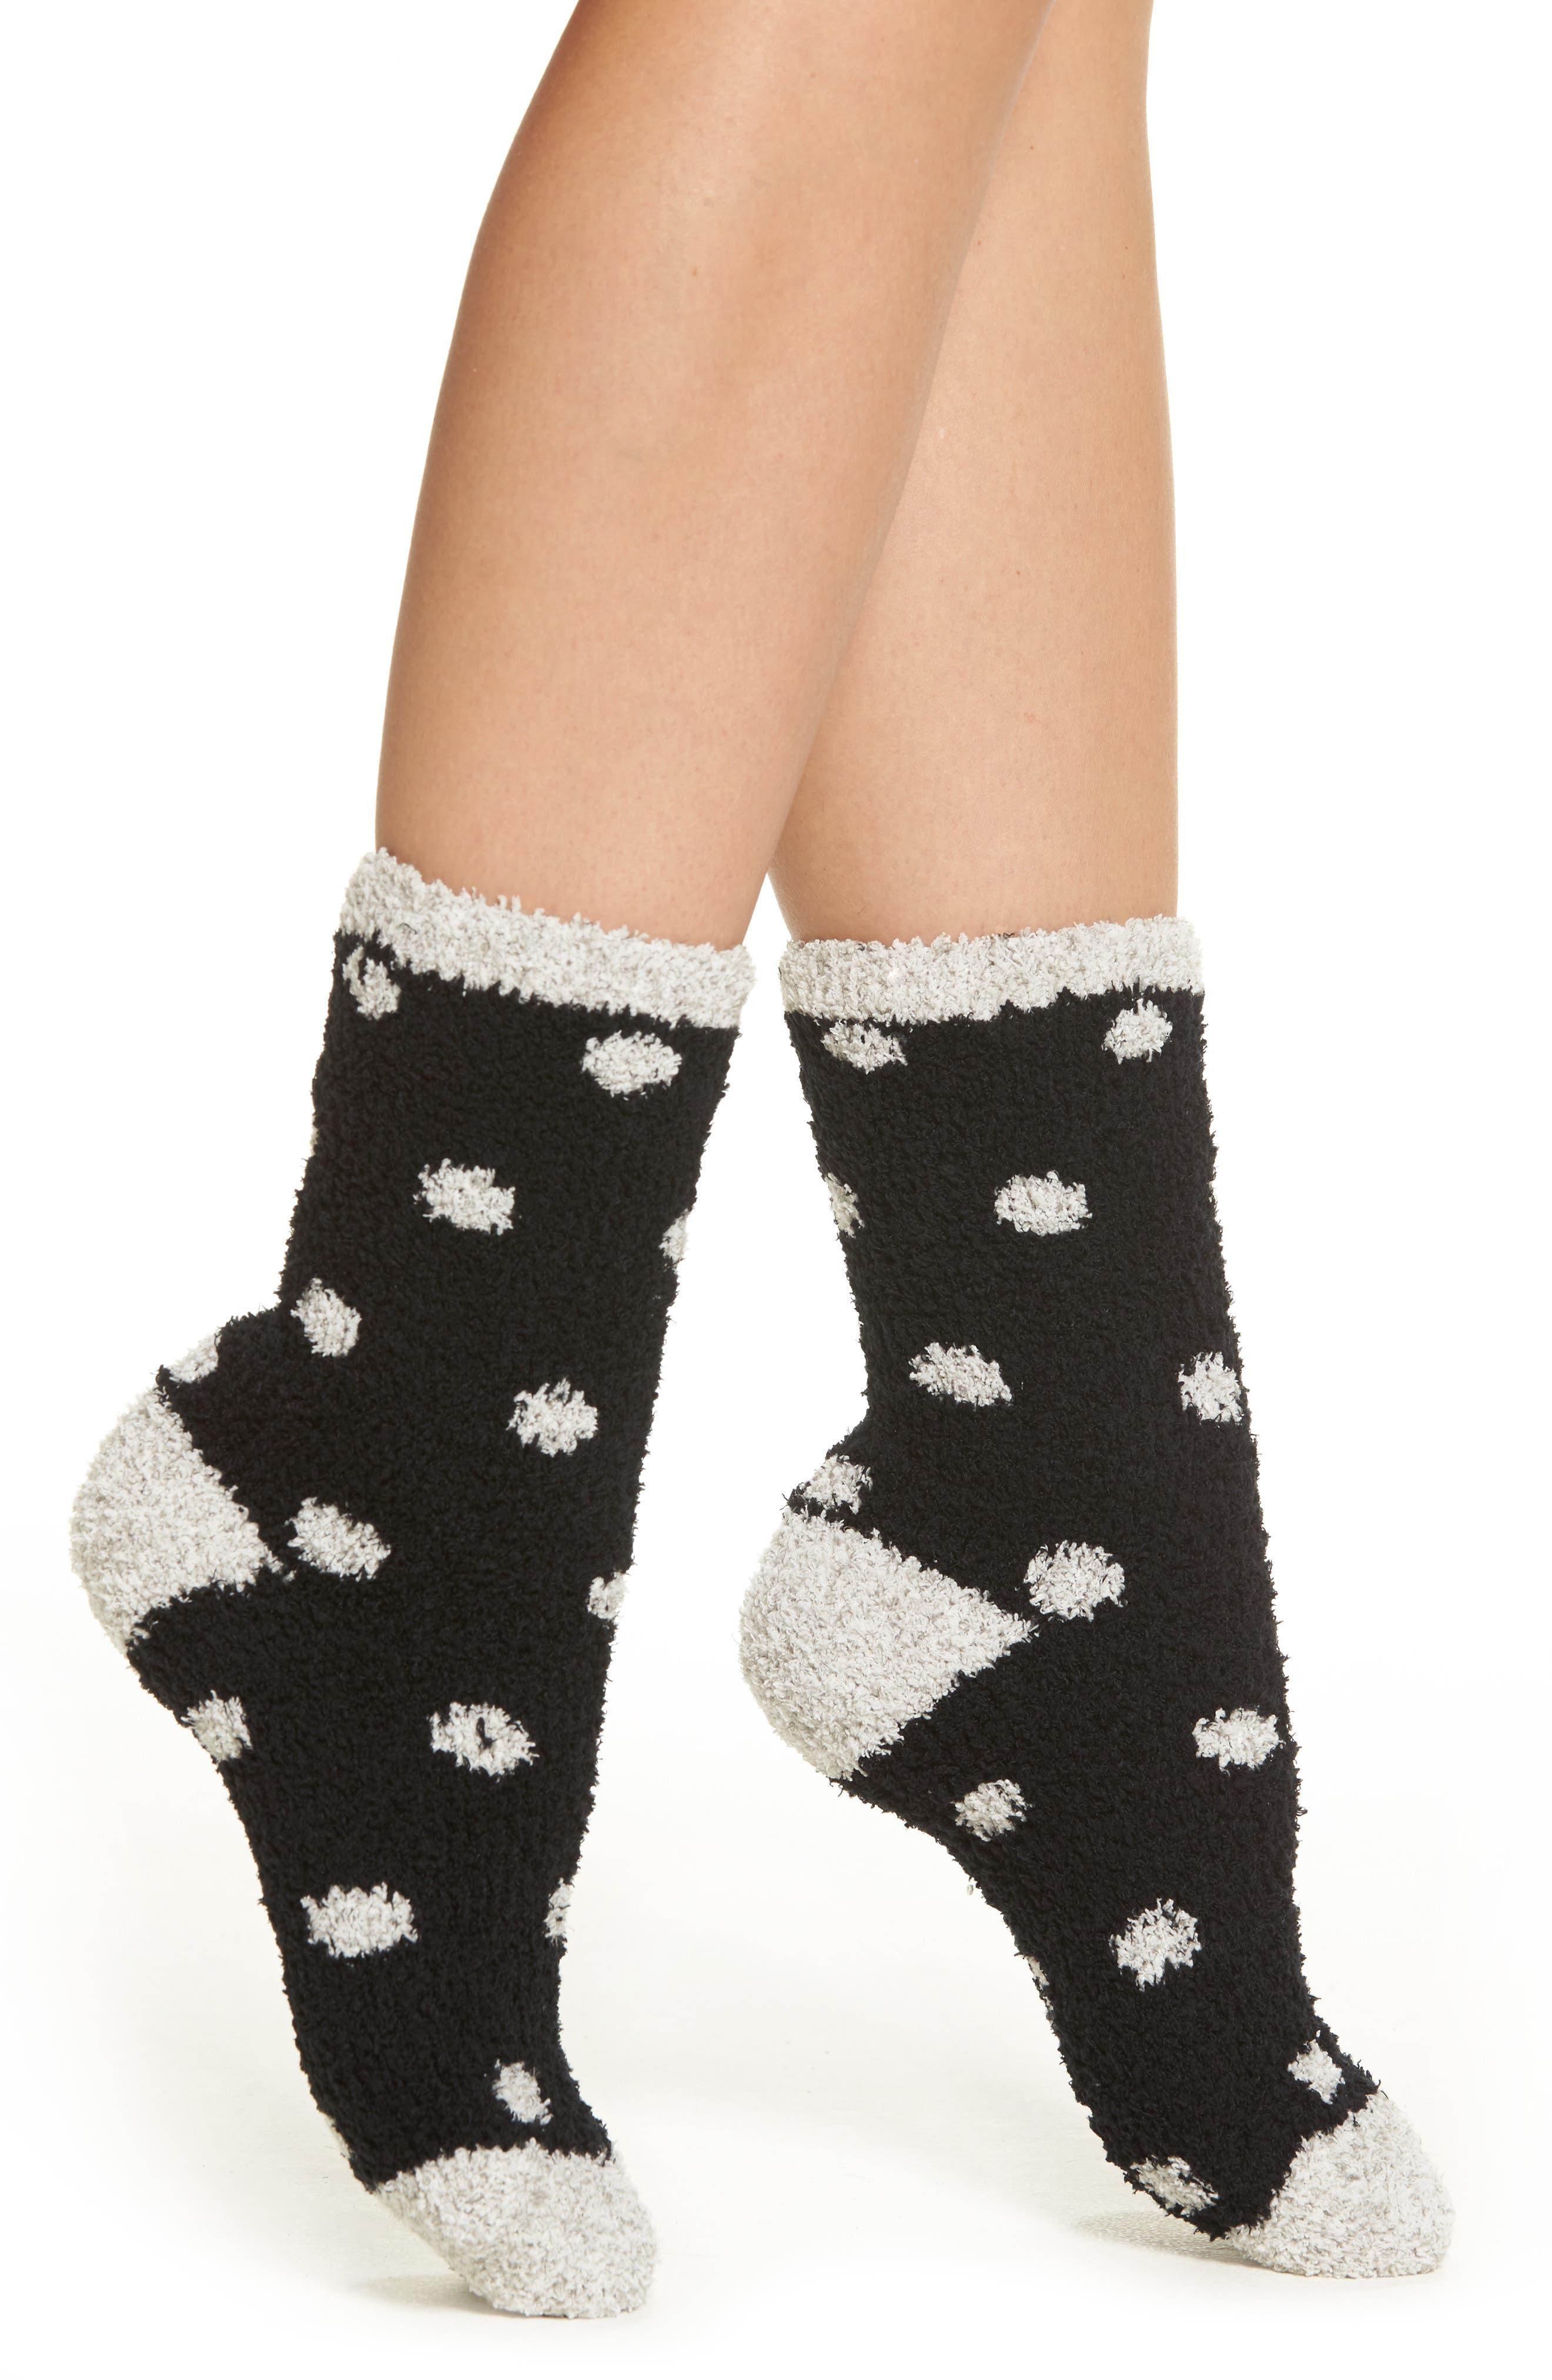 Alternate Image 1 Selected - Nordstrom Butter Crew Socks (3 for $19)